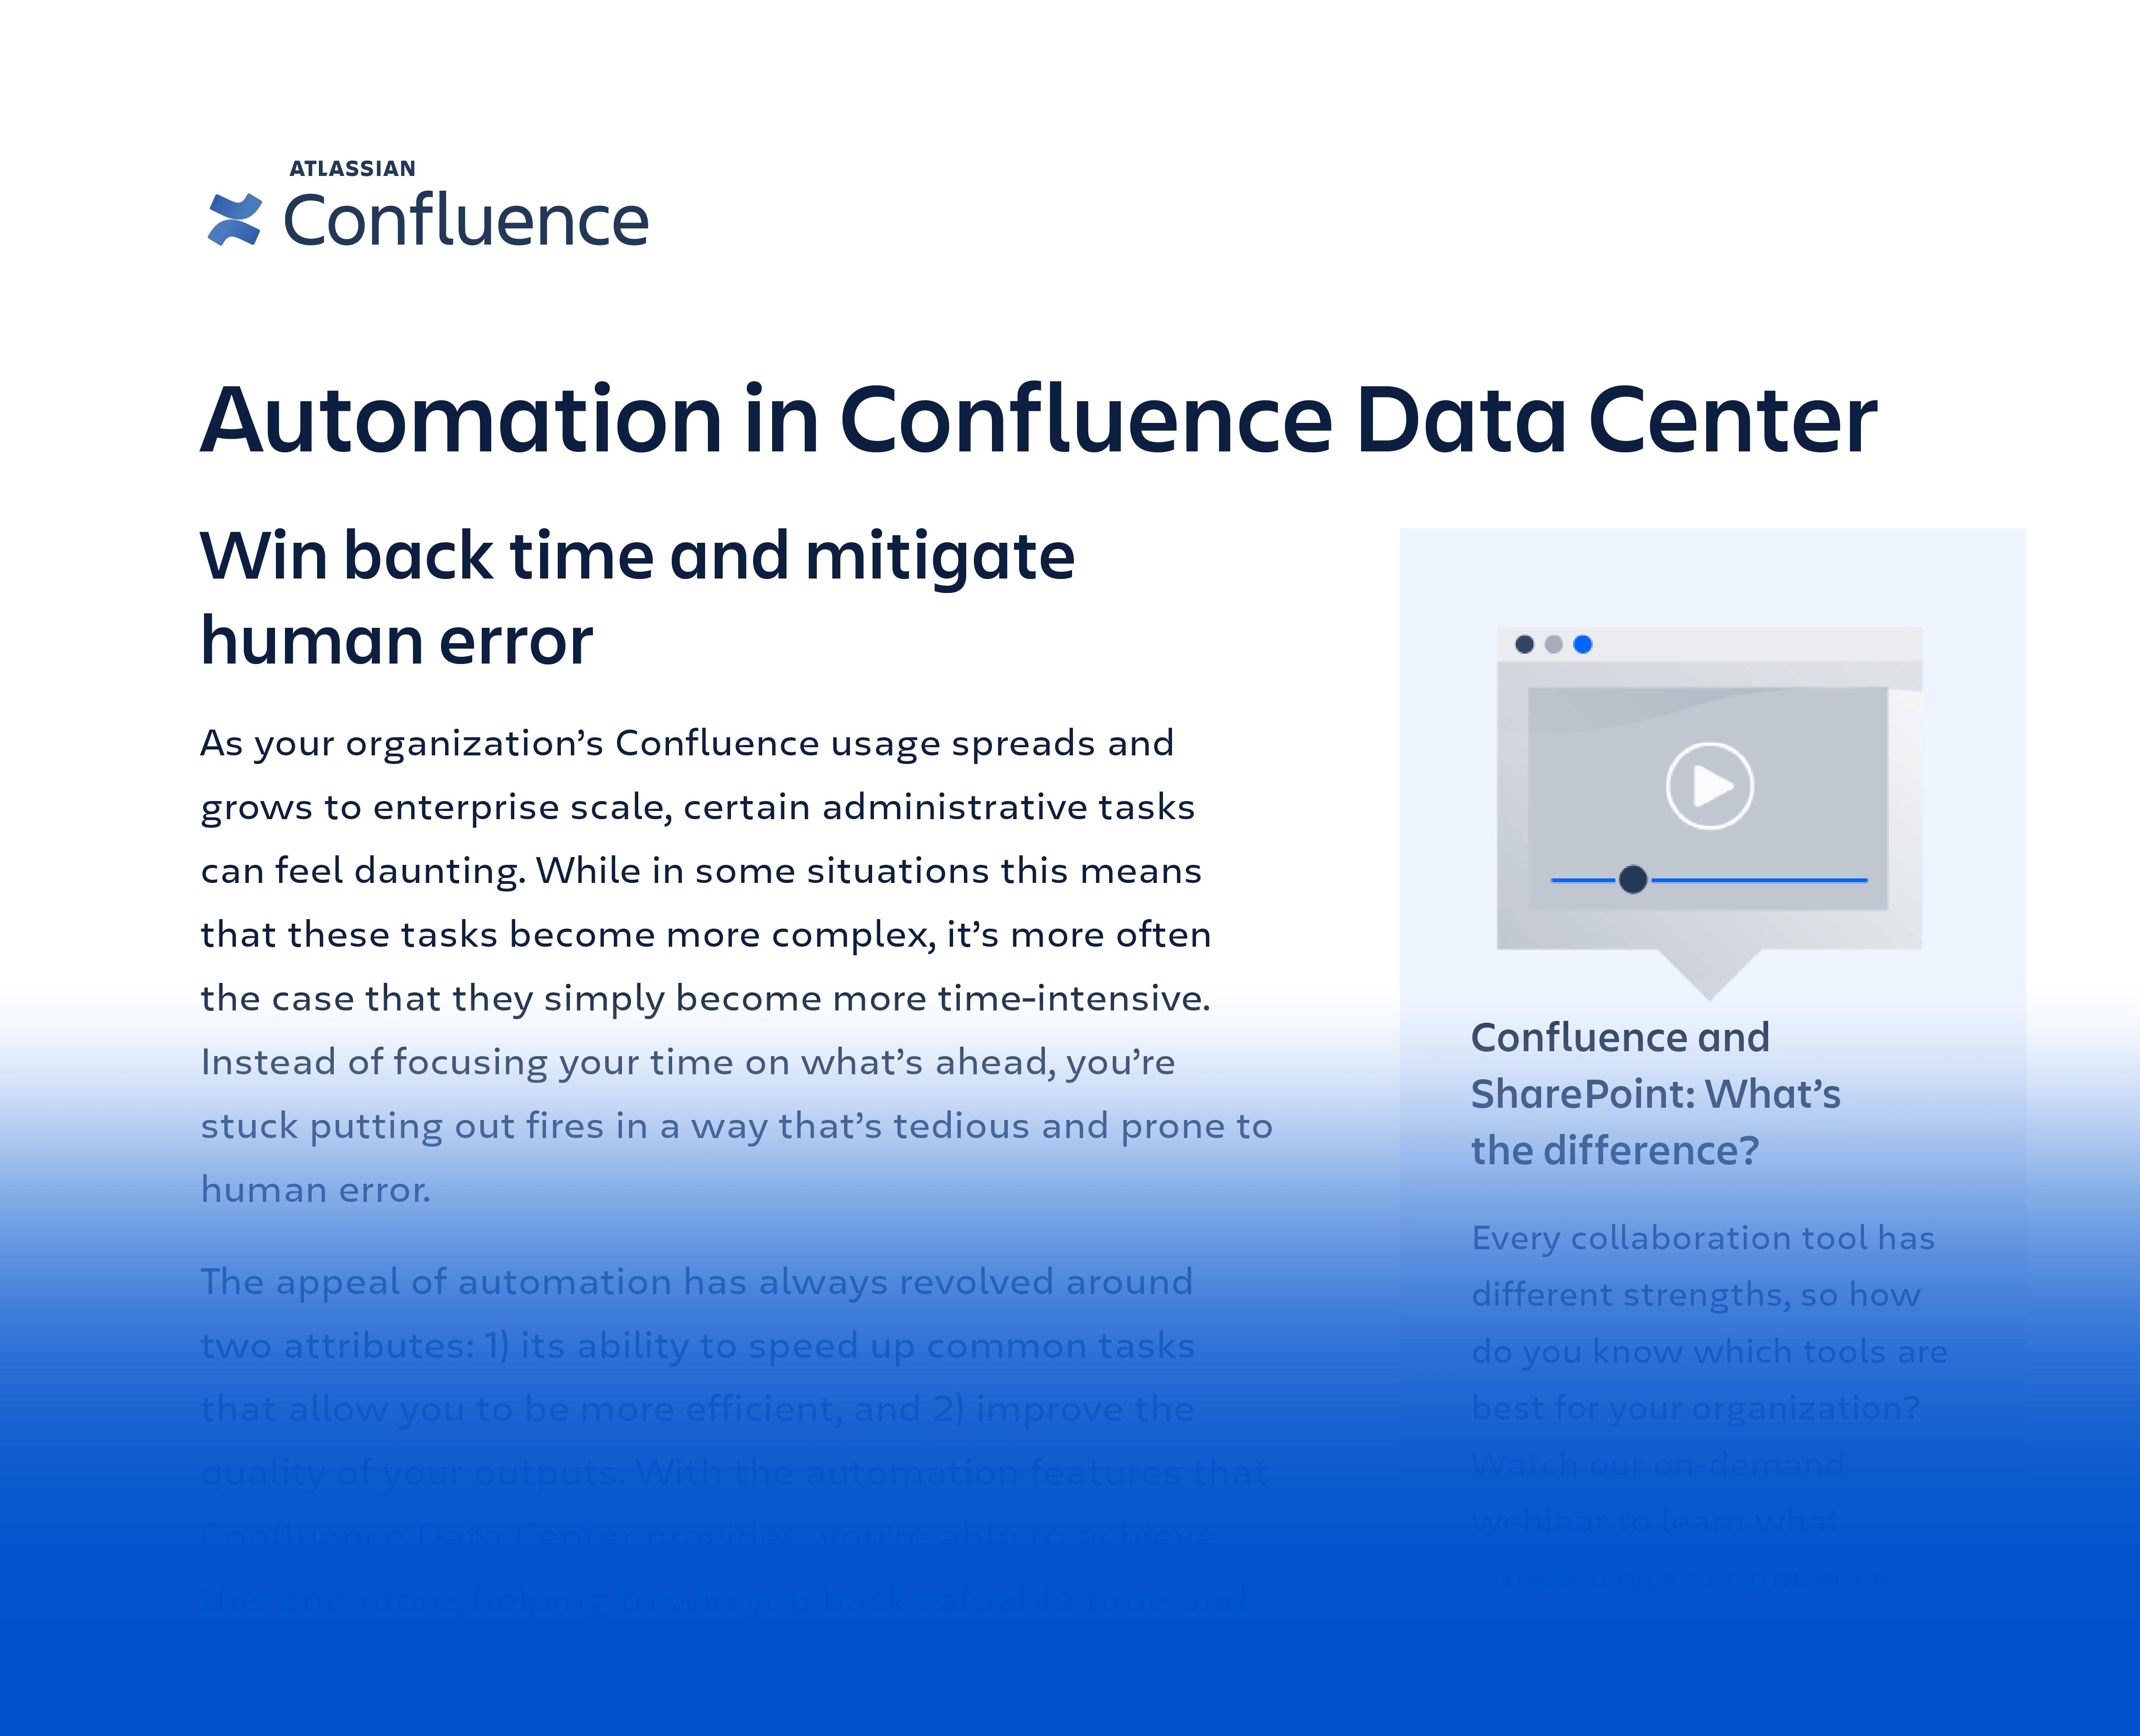 Datenblatt: Automatisierung in Confluence Data Center